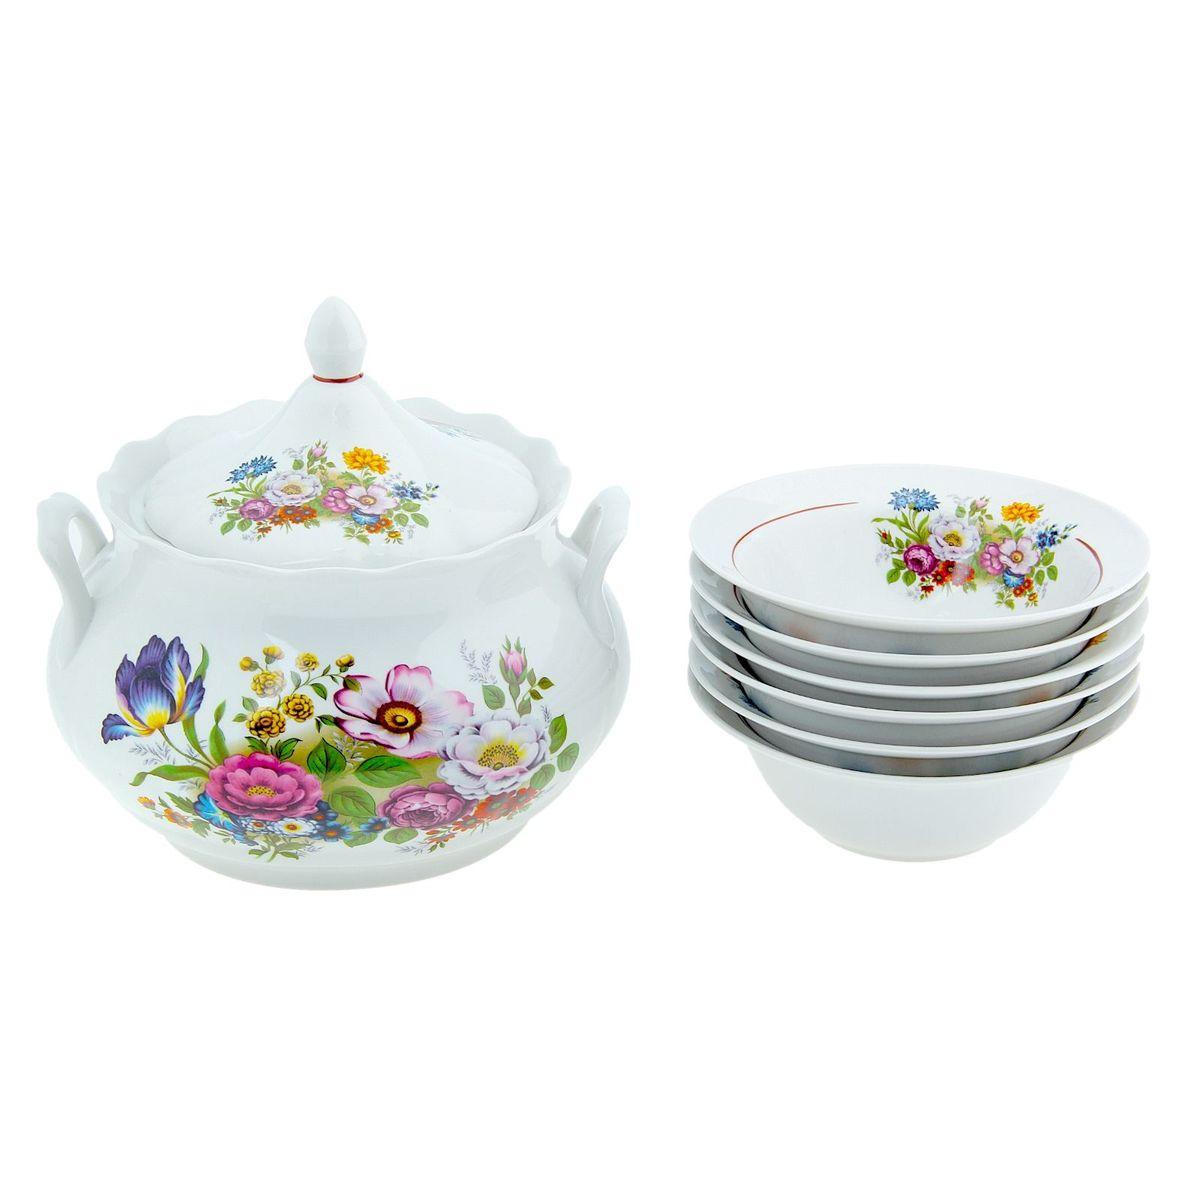 Набор для пельменей Романс. Букет цветов, 7 предметов115510ваза для супа 3 л, 1 шт.;миска d=17,5 см, 6 шт.